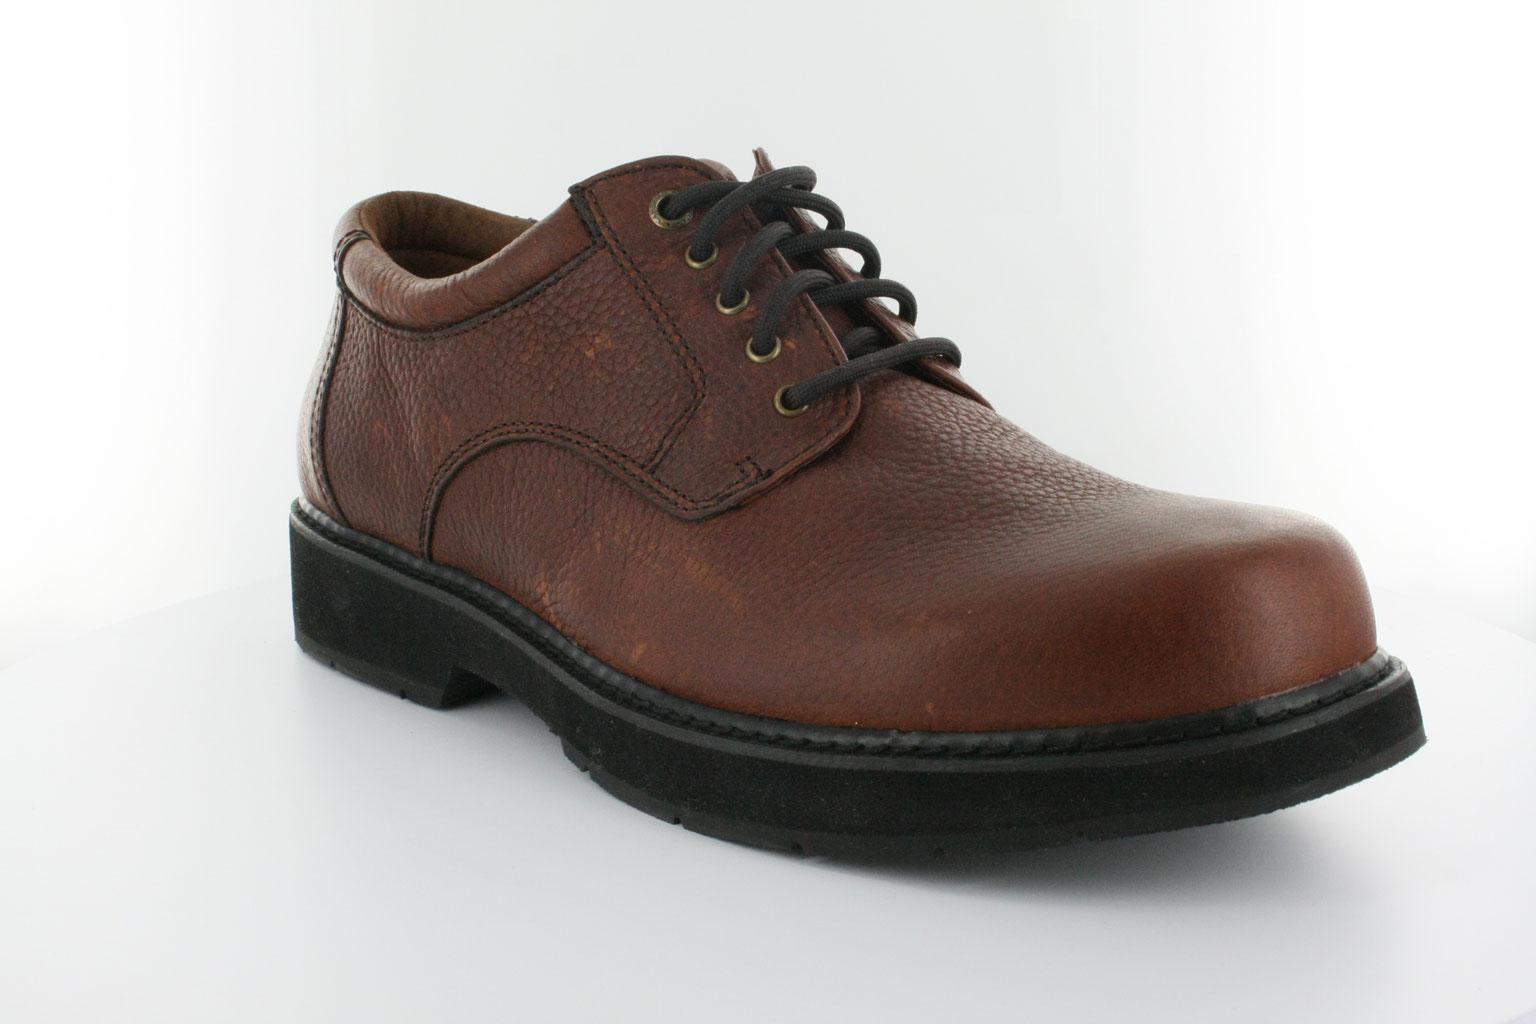 9d4f12a0fc56b5 CAMBRIAN Footwear - Foot-FX Orthotics Ottawa